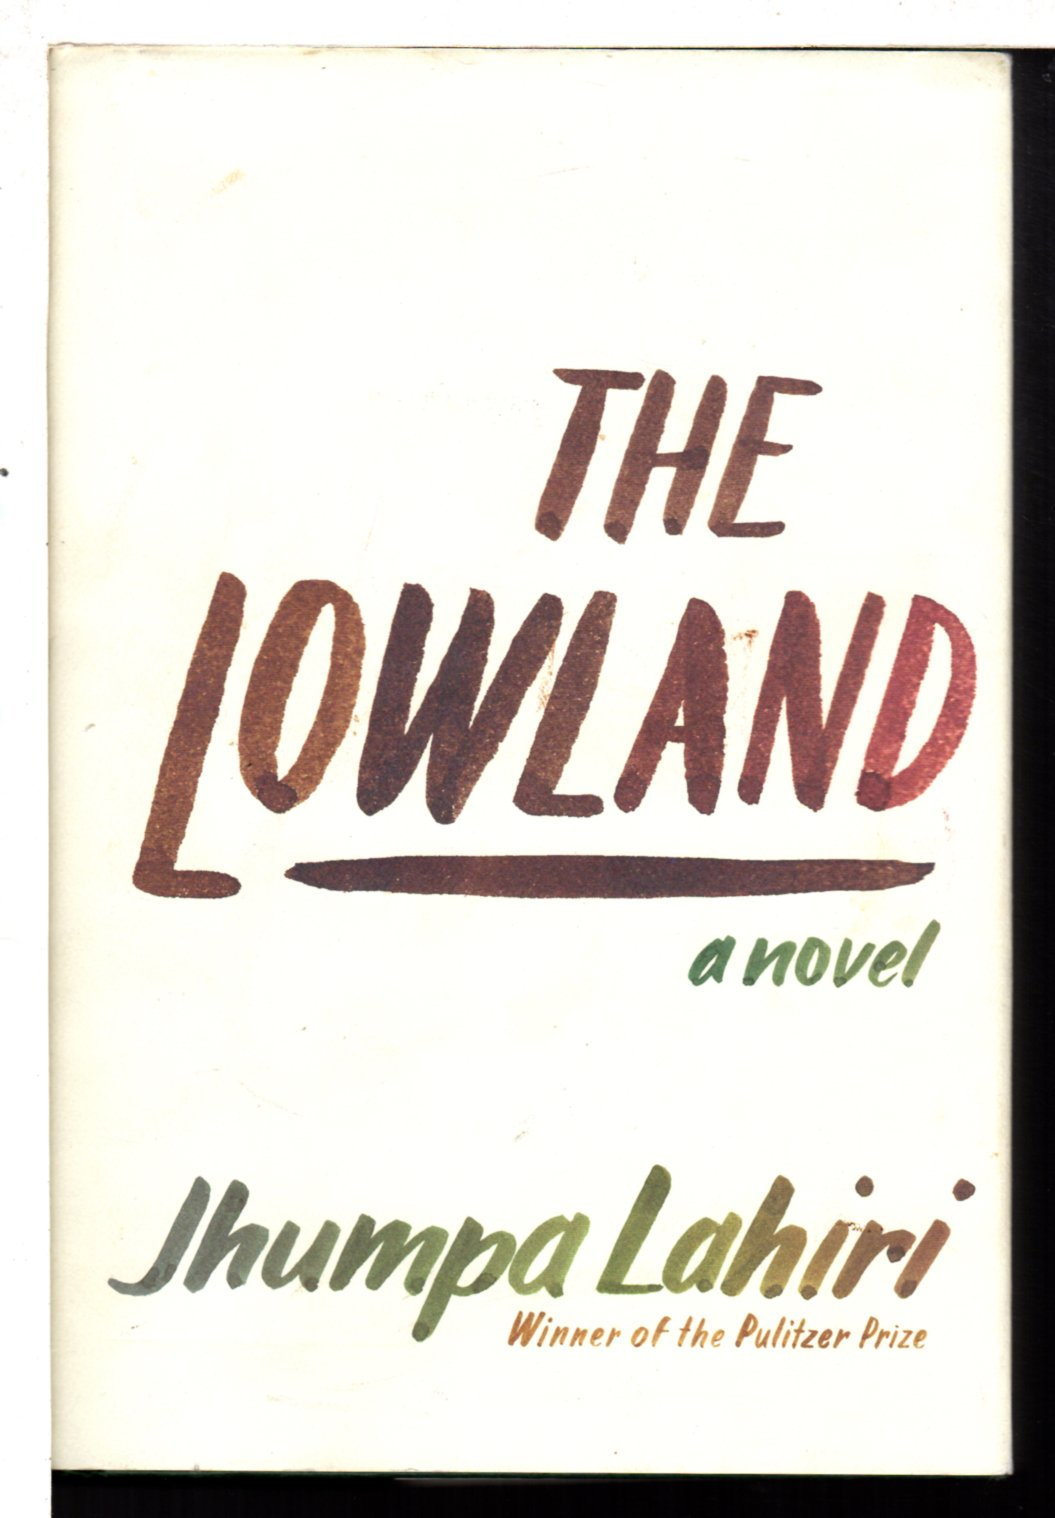 LAHIRI, JHUMPA. - THE LOWLAND.